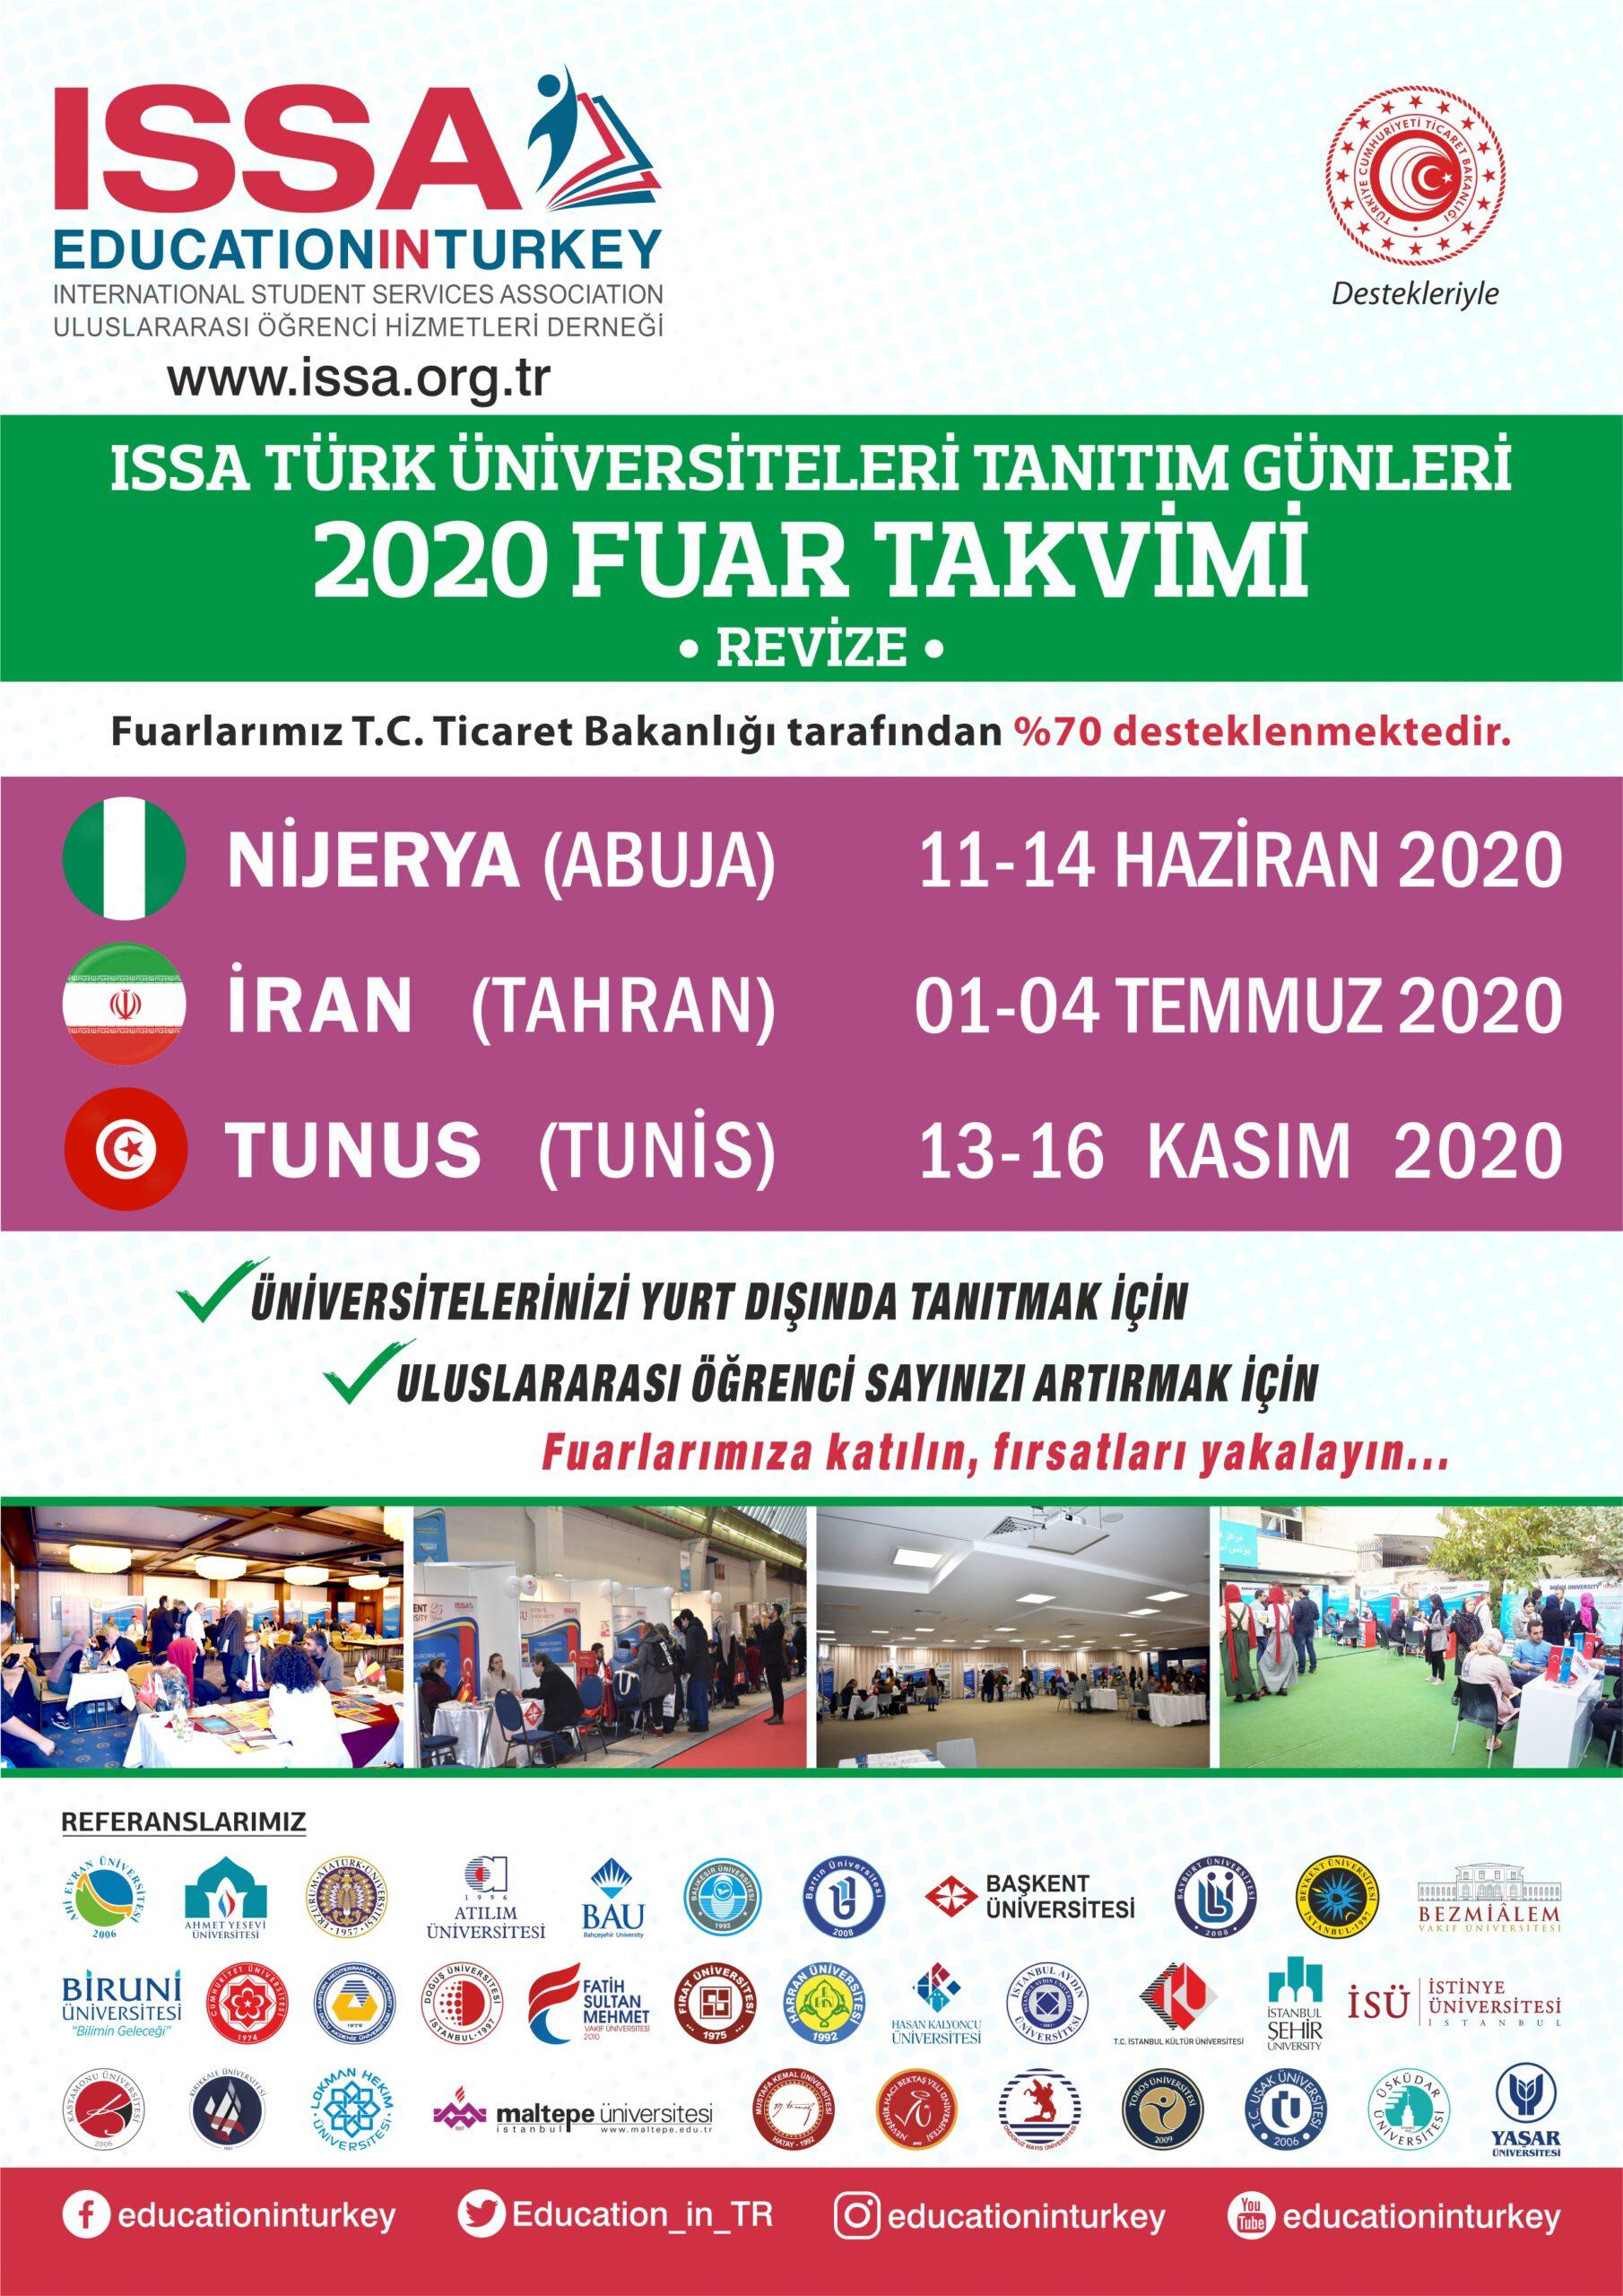 ISSA 2020 FUAR TARİHLERİ REVİZE OLDU